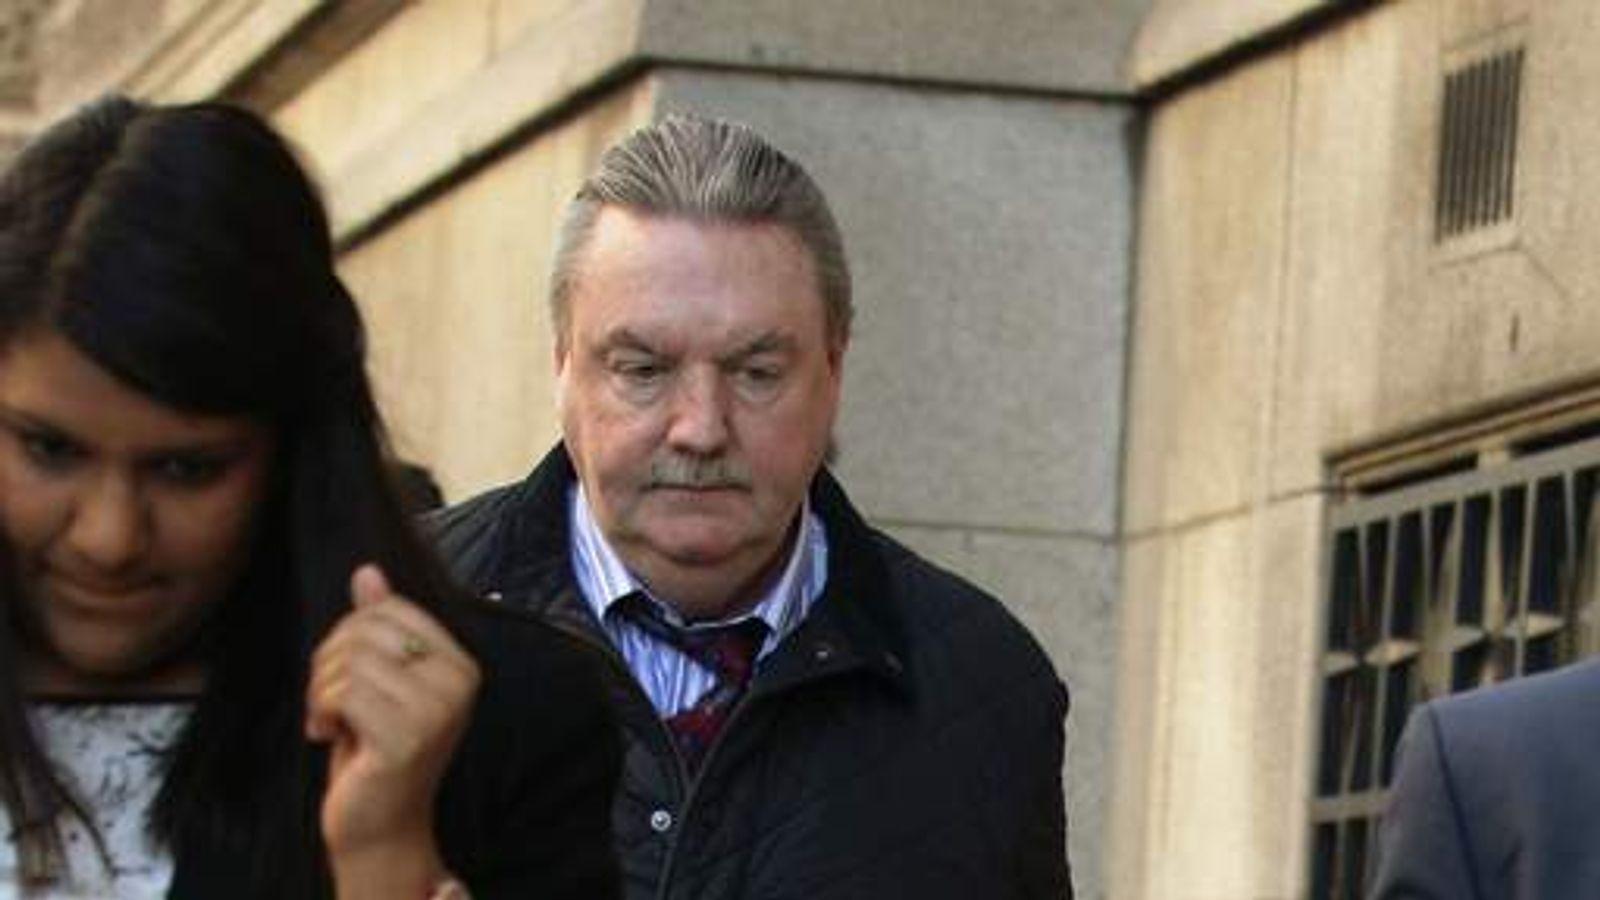 James McCormick court case